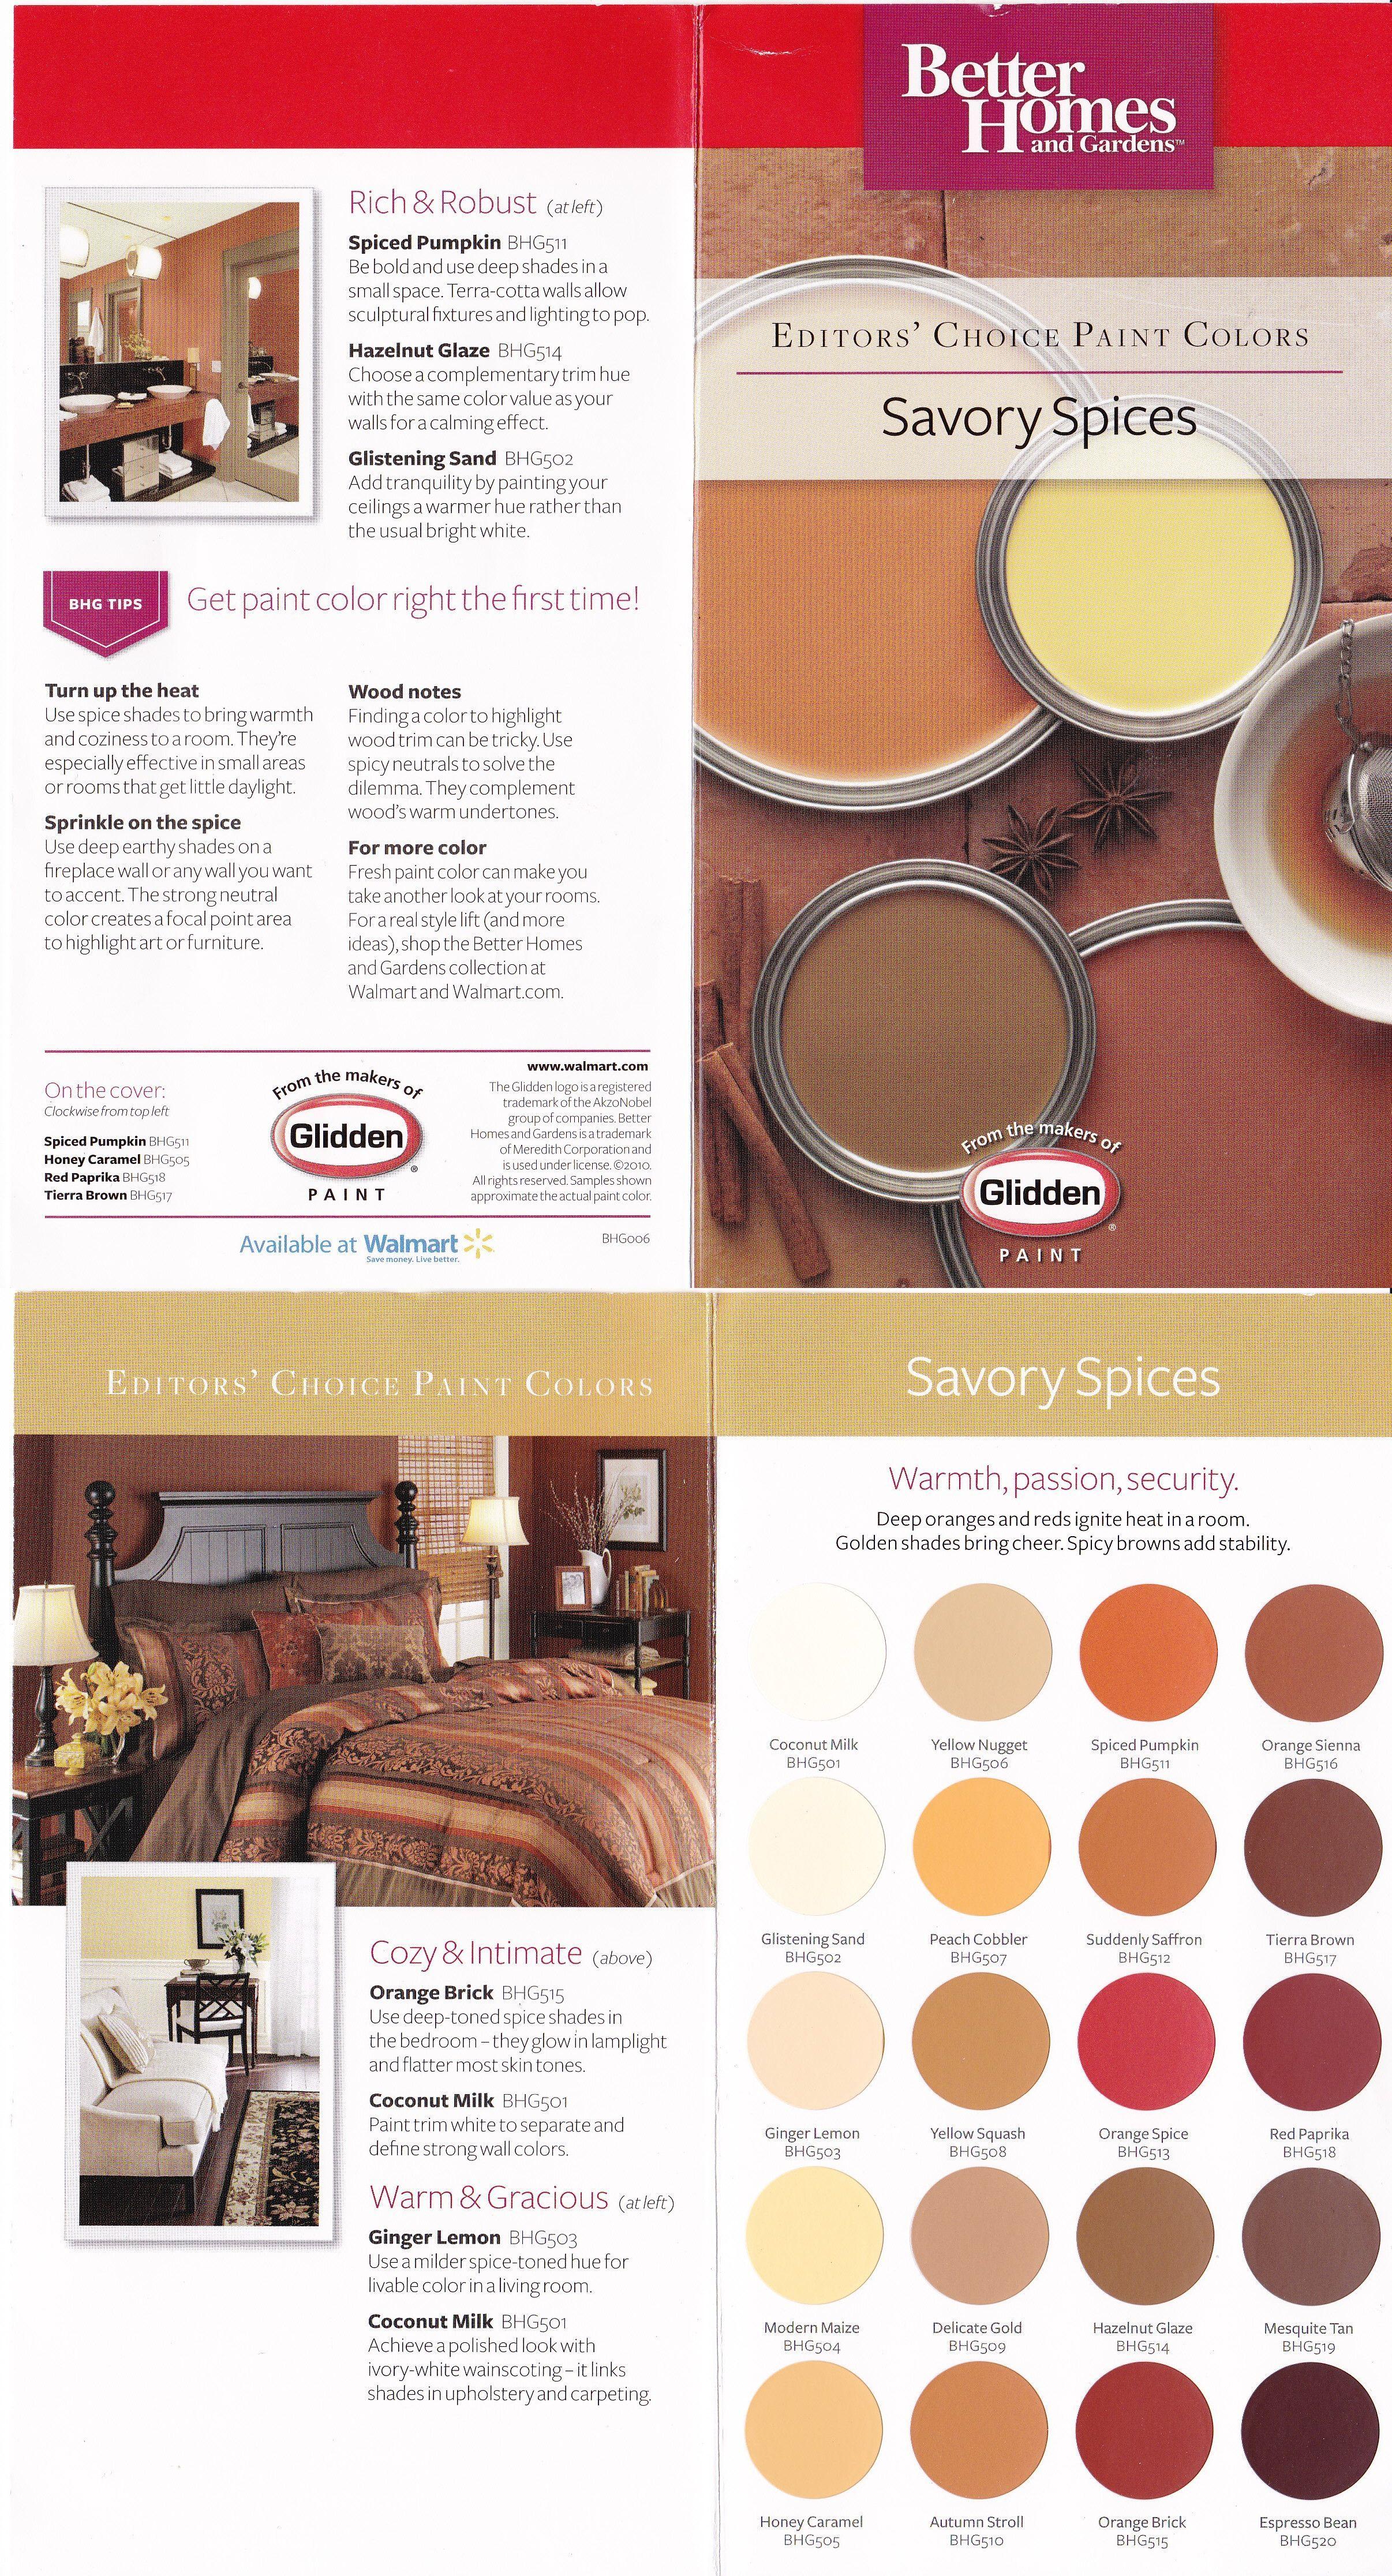 Paint Colors Savory Spices Warm Earth Tones Deep Oranges